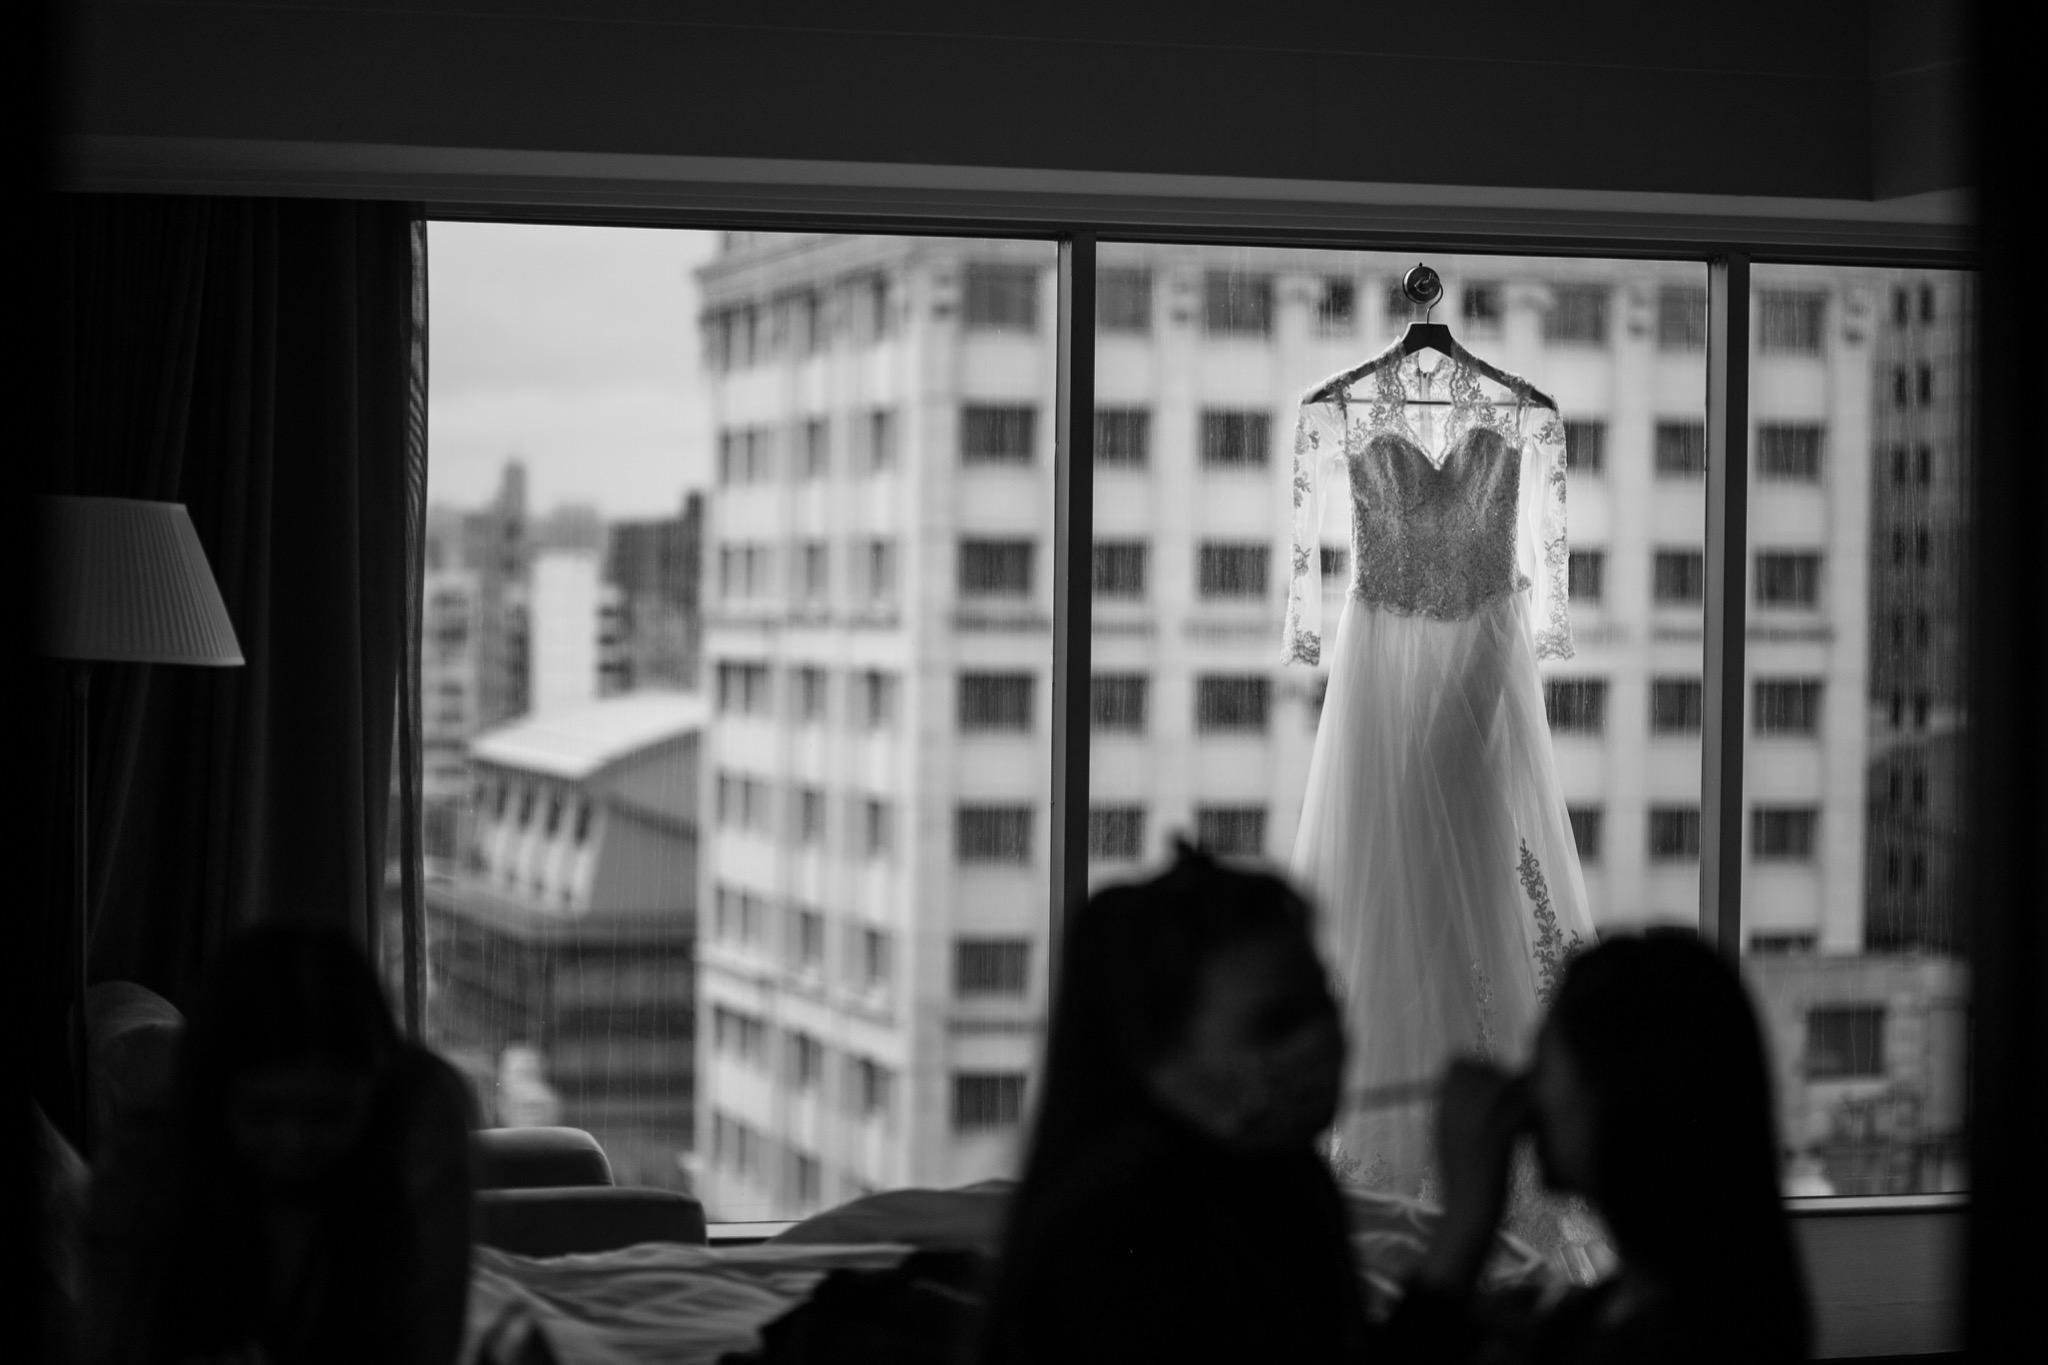 台北晶華酒店婚禮儀式,台中婚錄推薦6